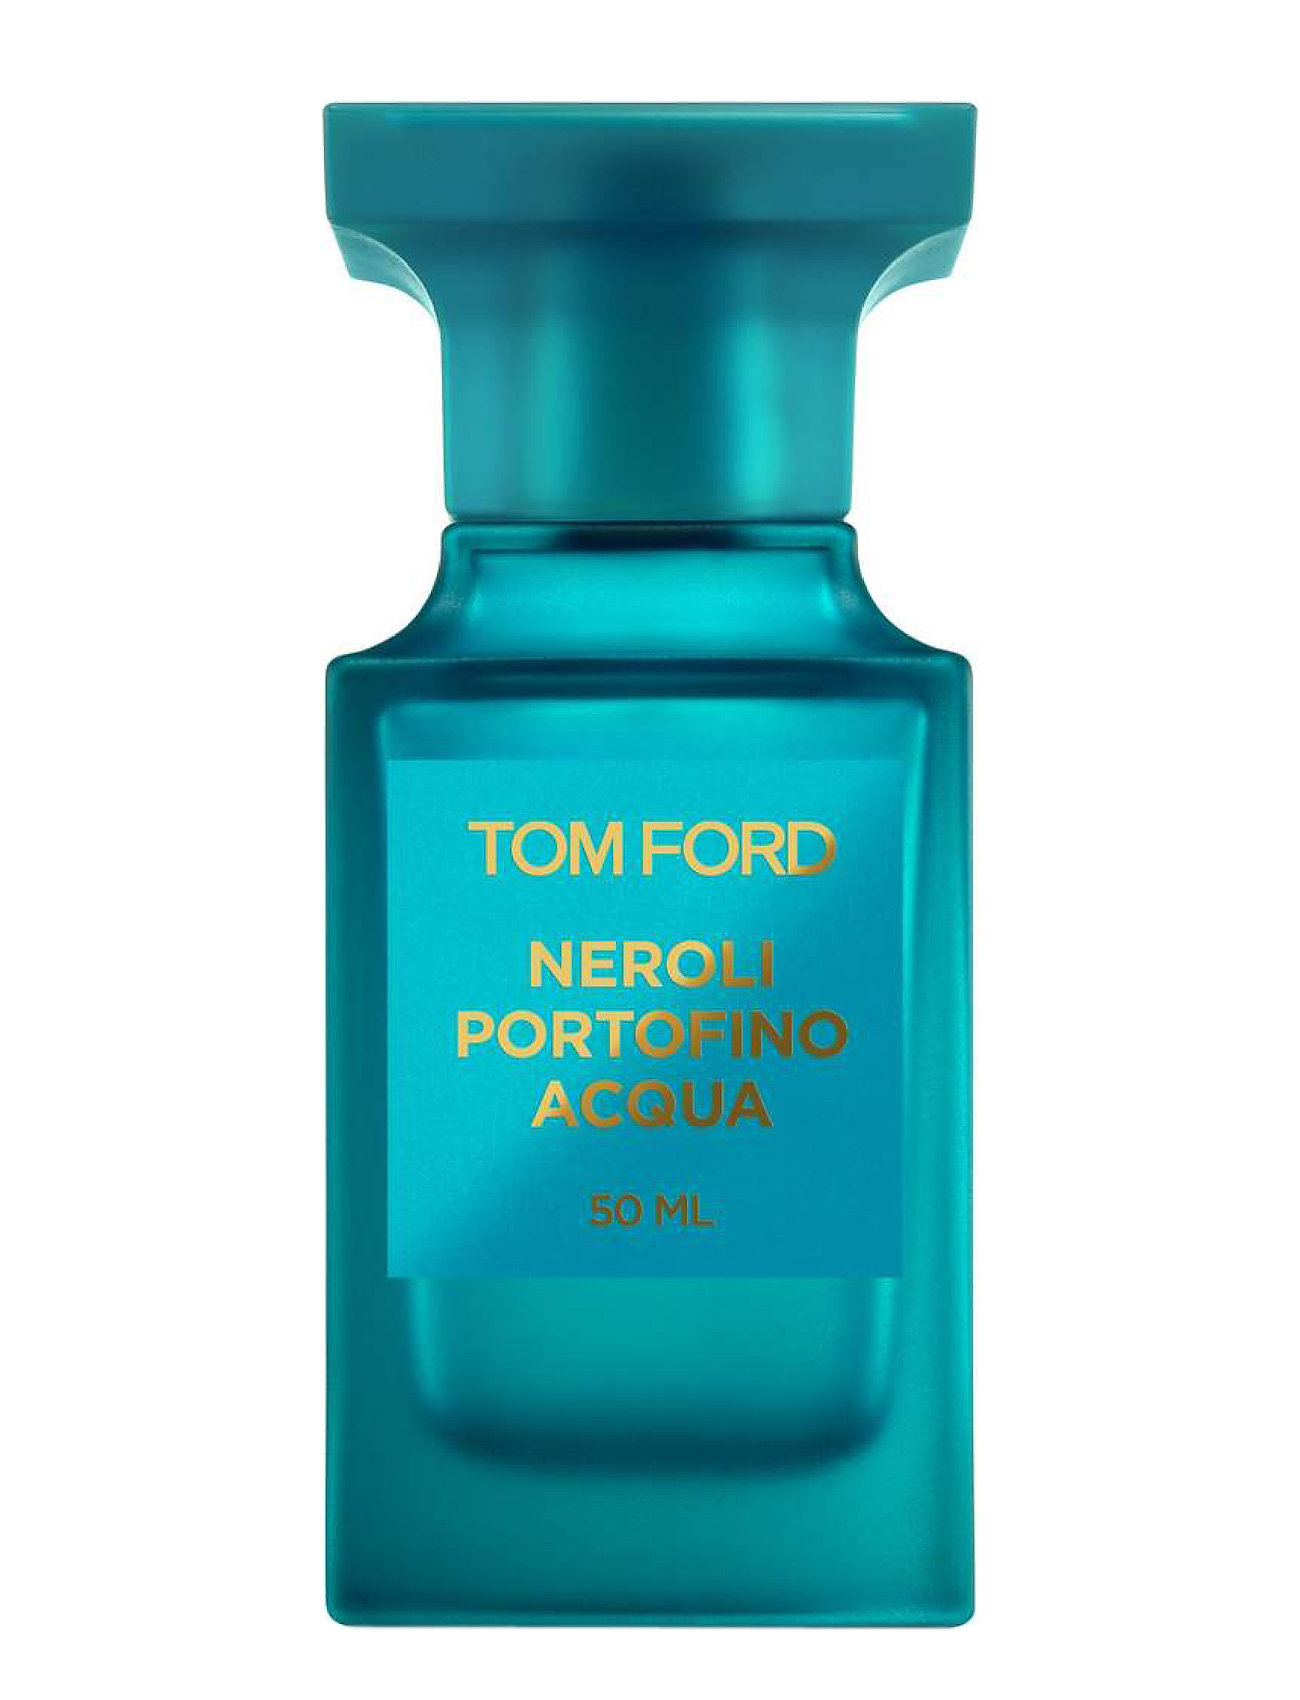 Neroli portofino acqua eau de toilette fra tom ford på boozt.com dk